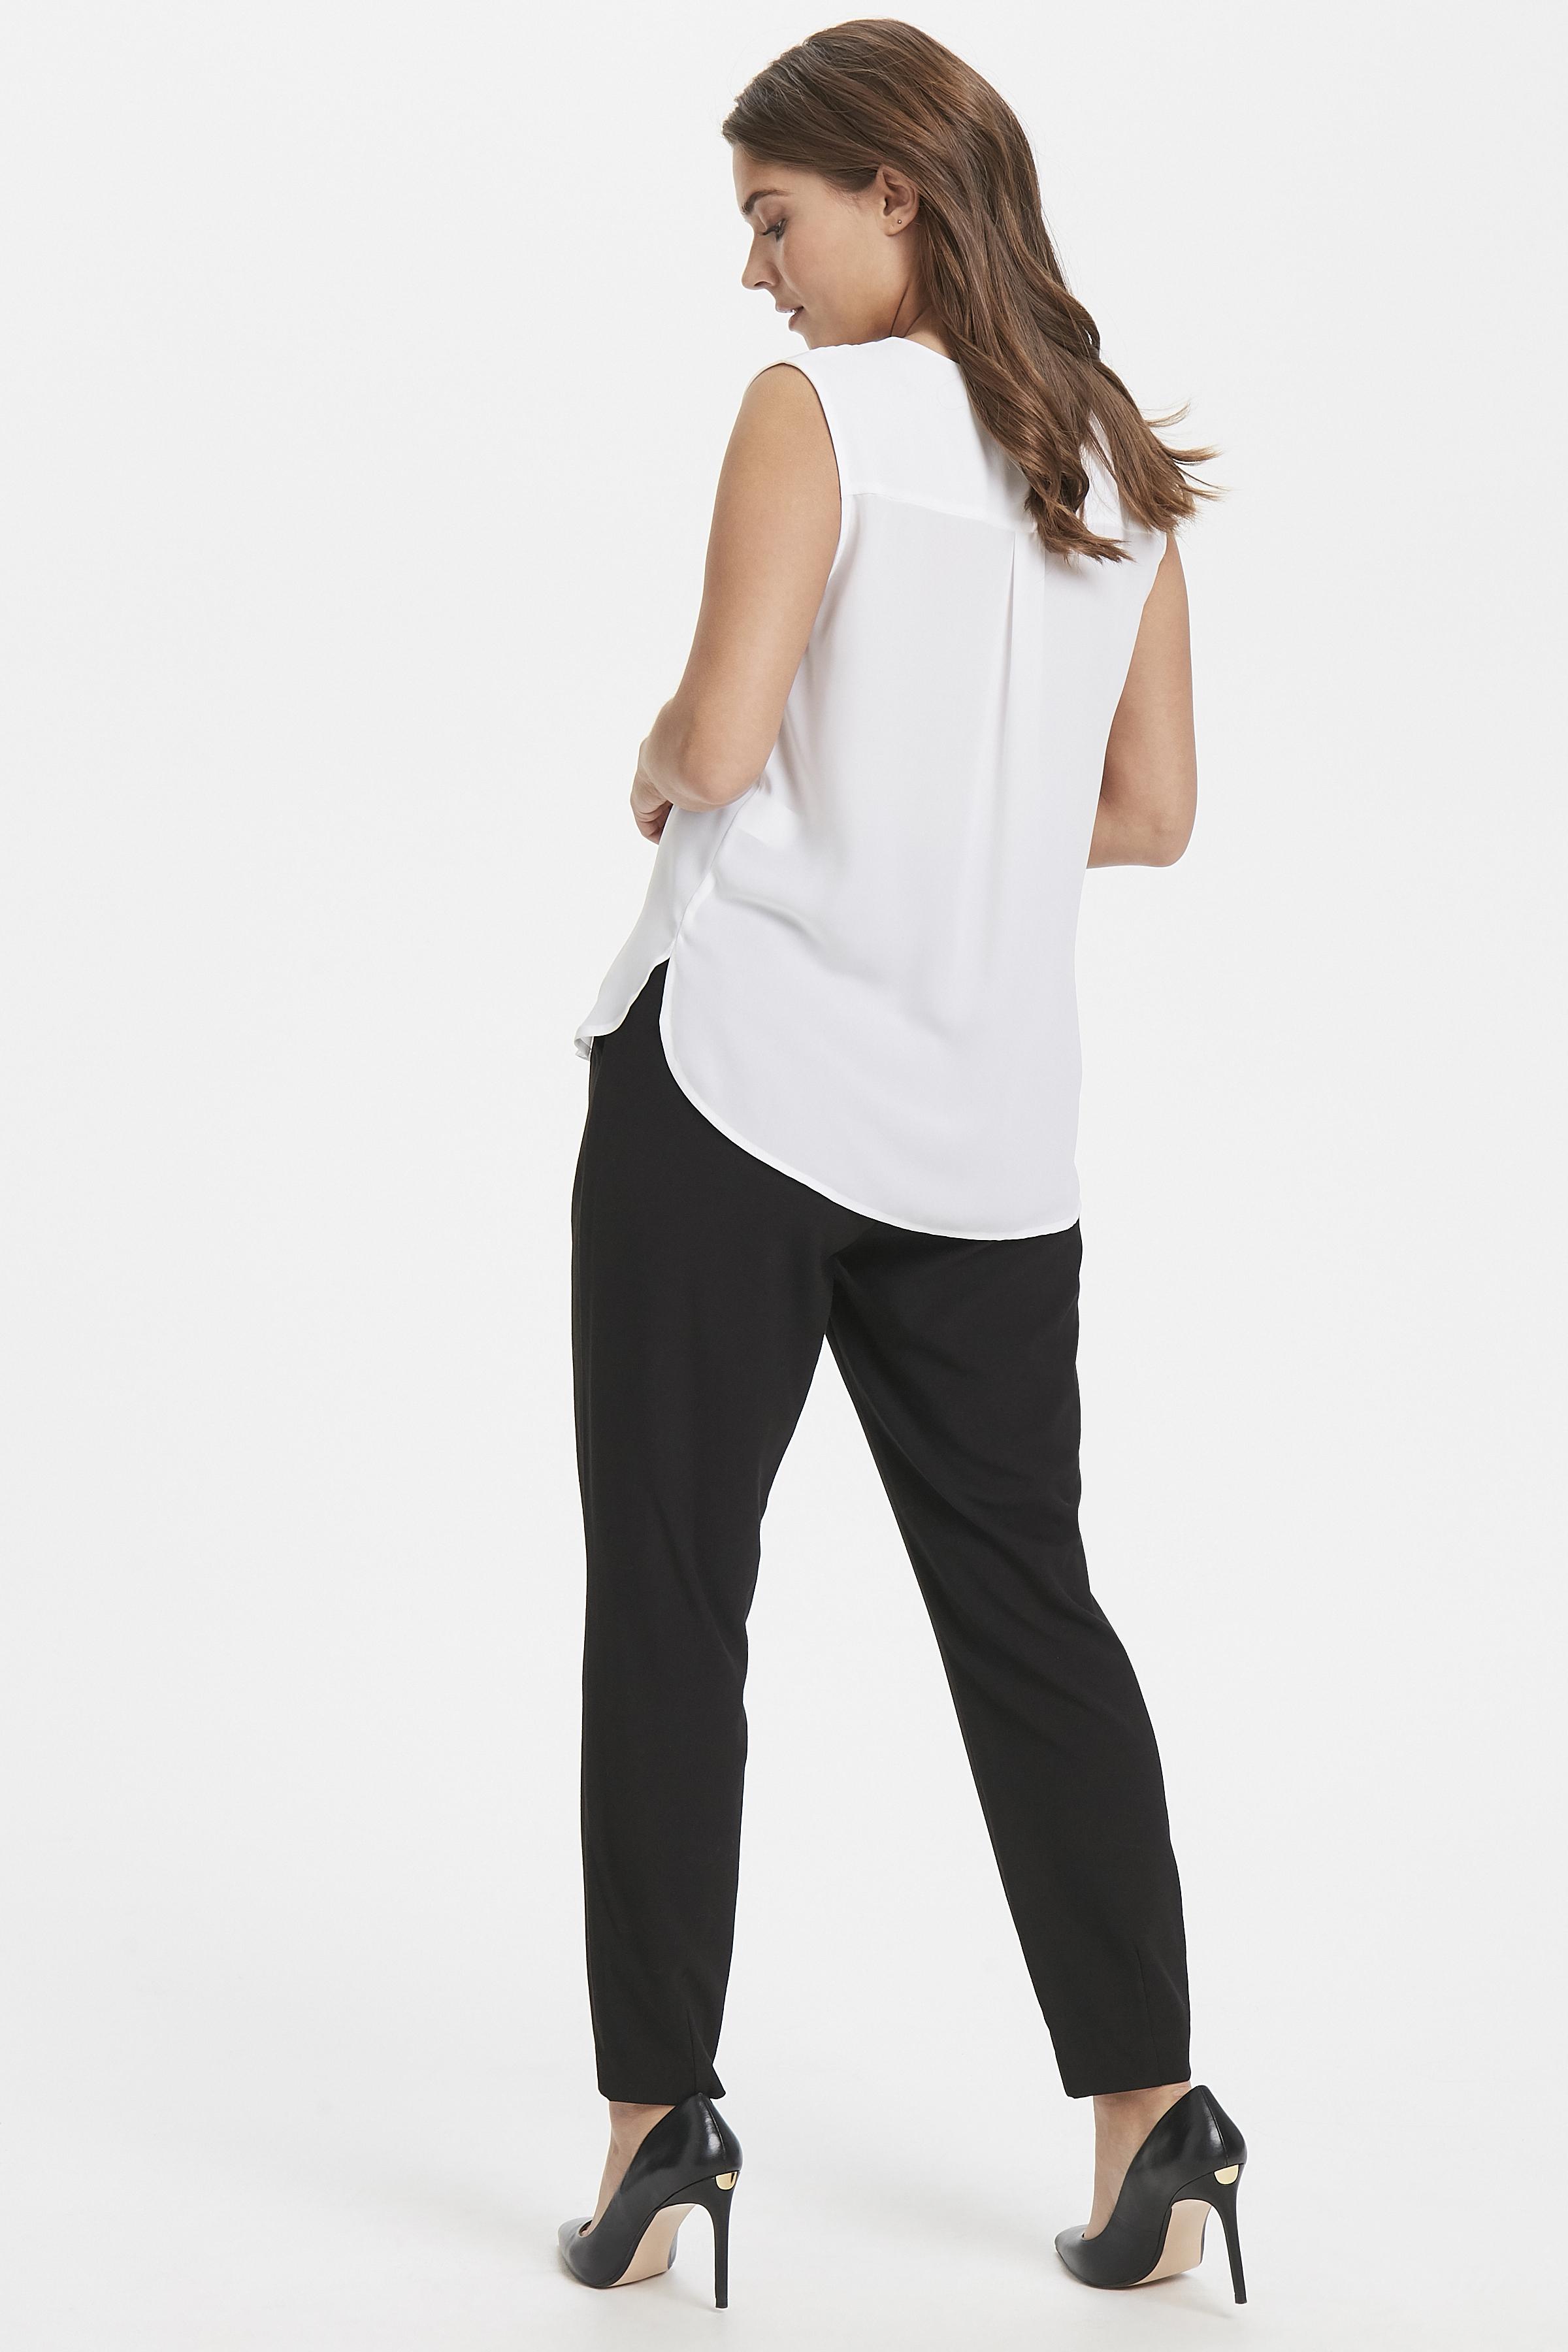 Optical White Hemd von b.young – Kaufen Sie Optical White Hemd aus Größe 34-46 hier